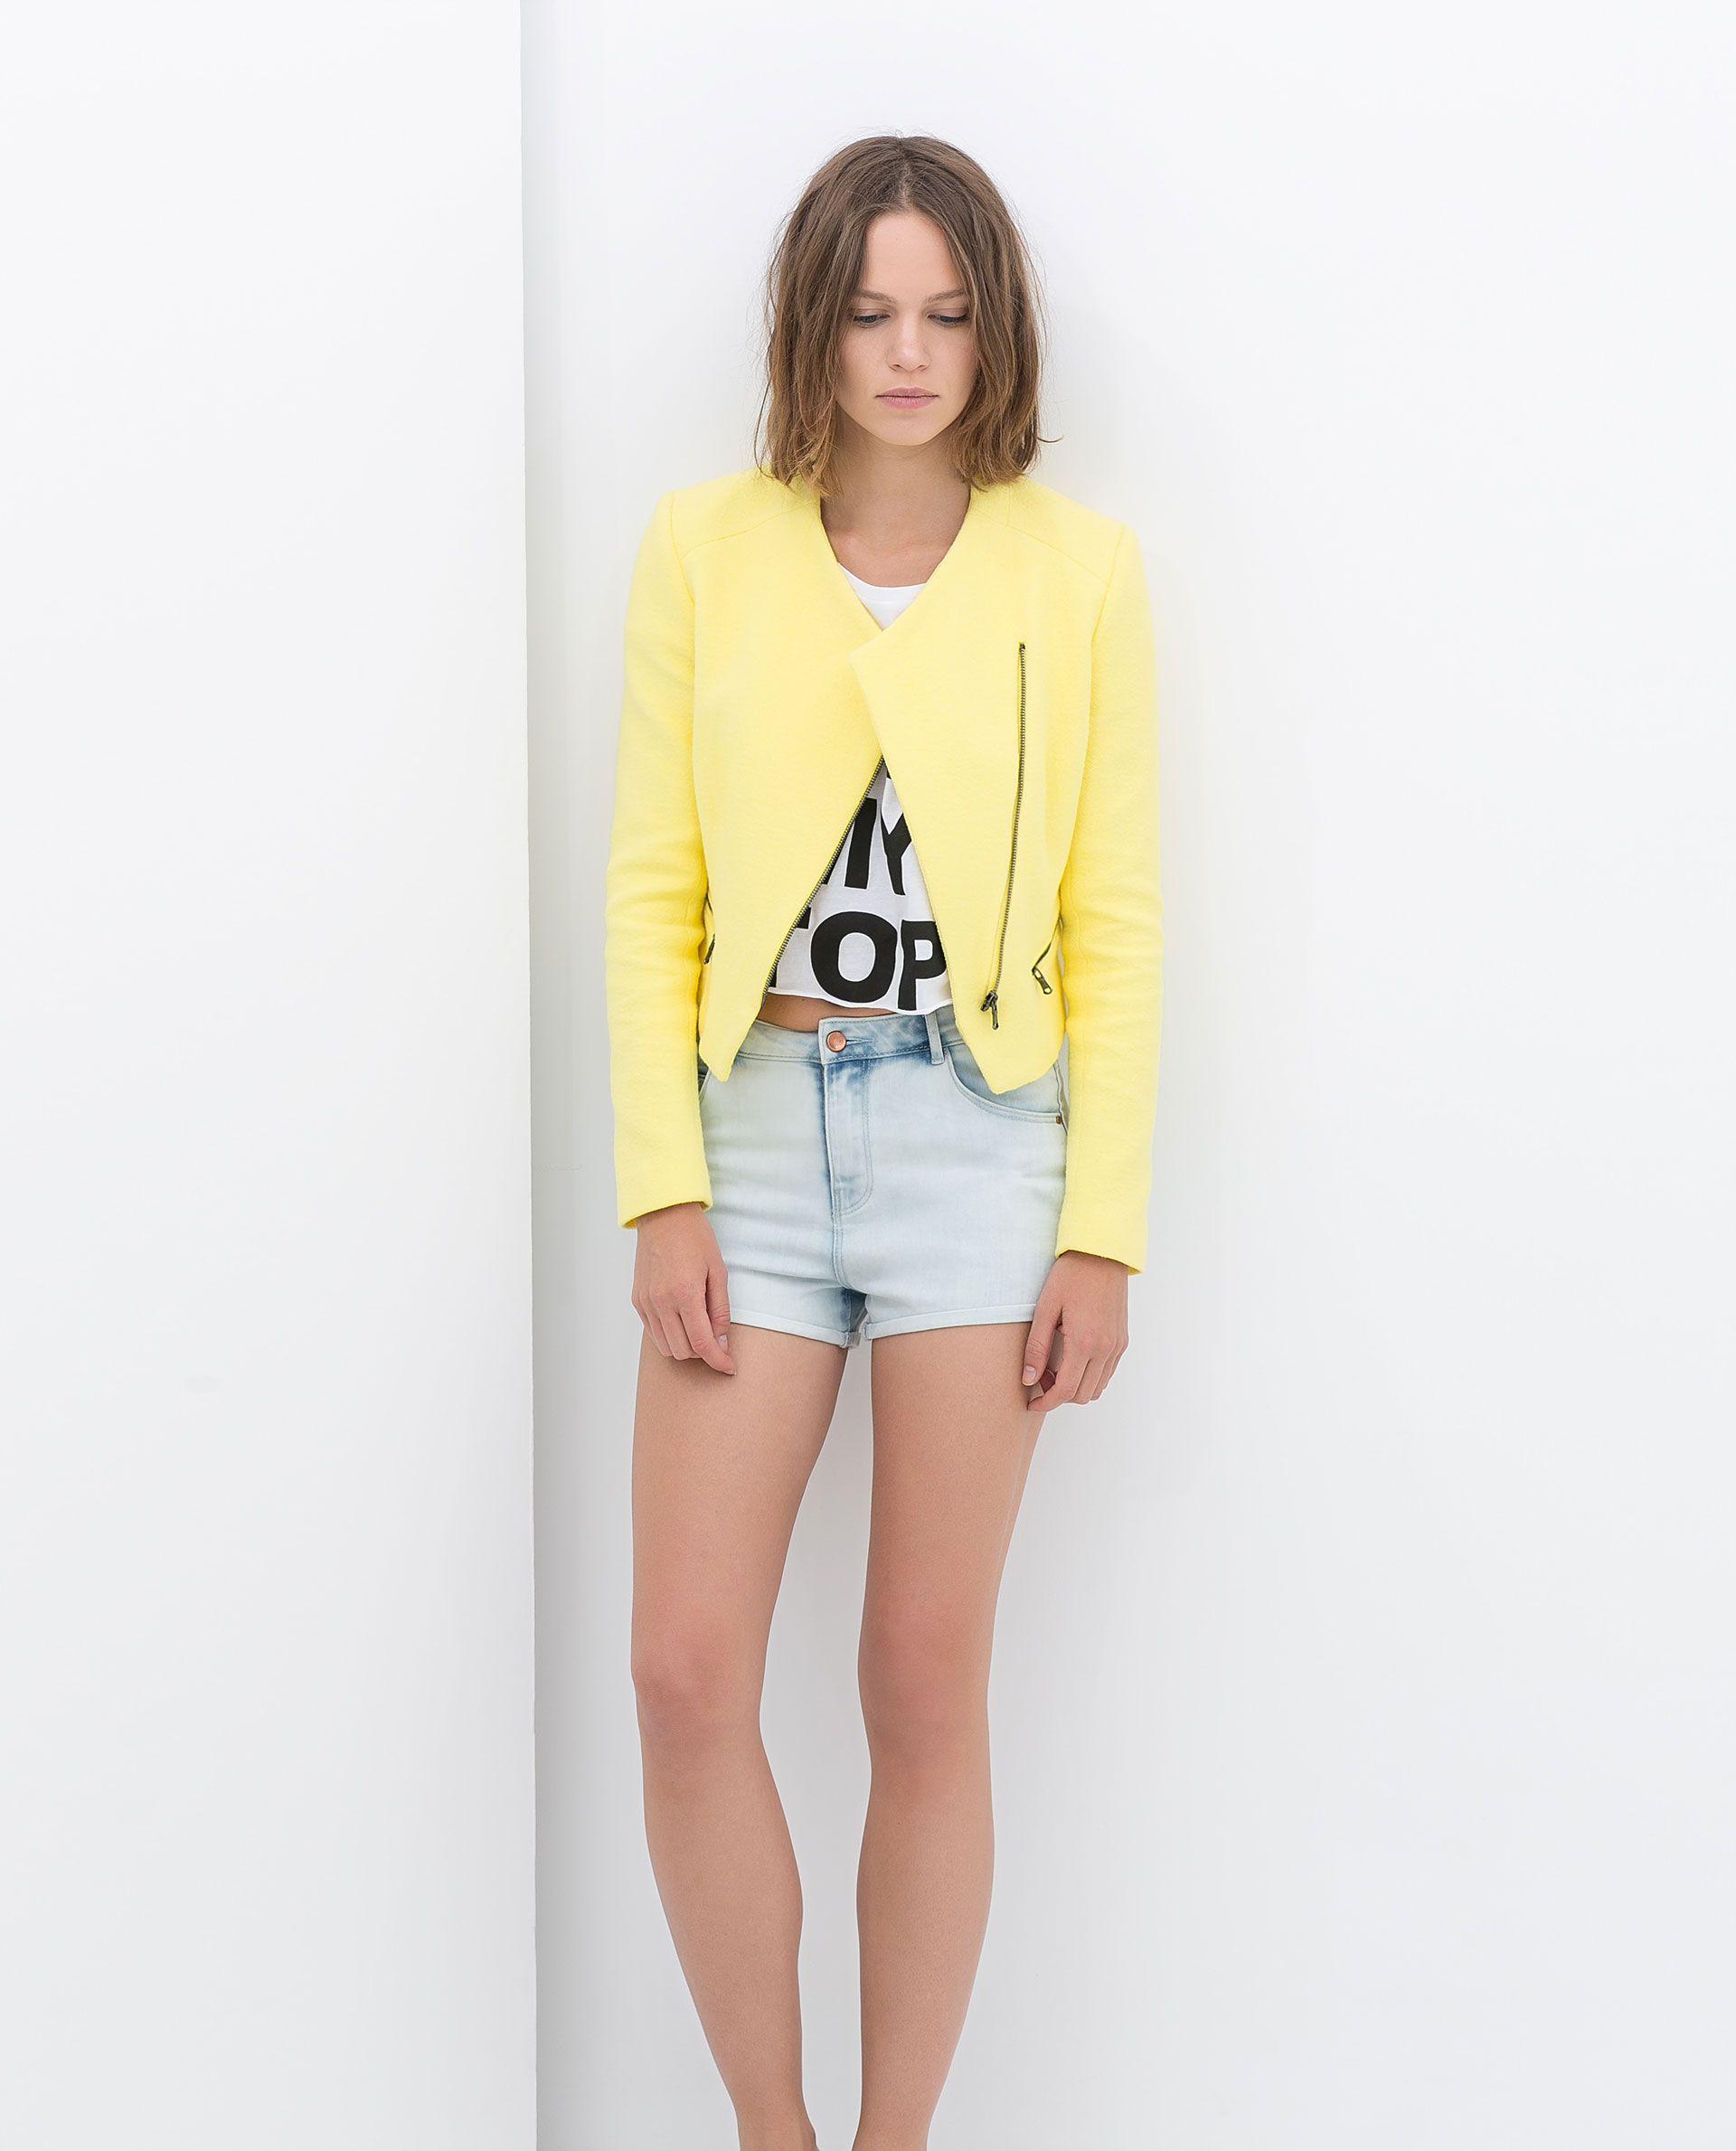 Tiro Zara Shorts Alto Alto De Pantalones 2 Cortos Talle Imagen XwHqtx a920d0a8dabe5